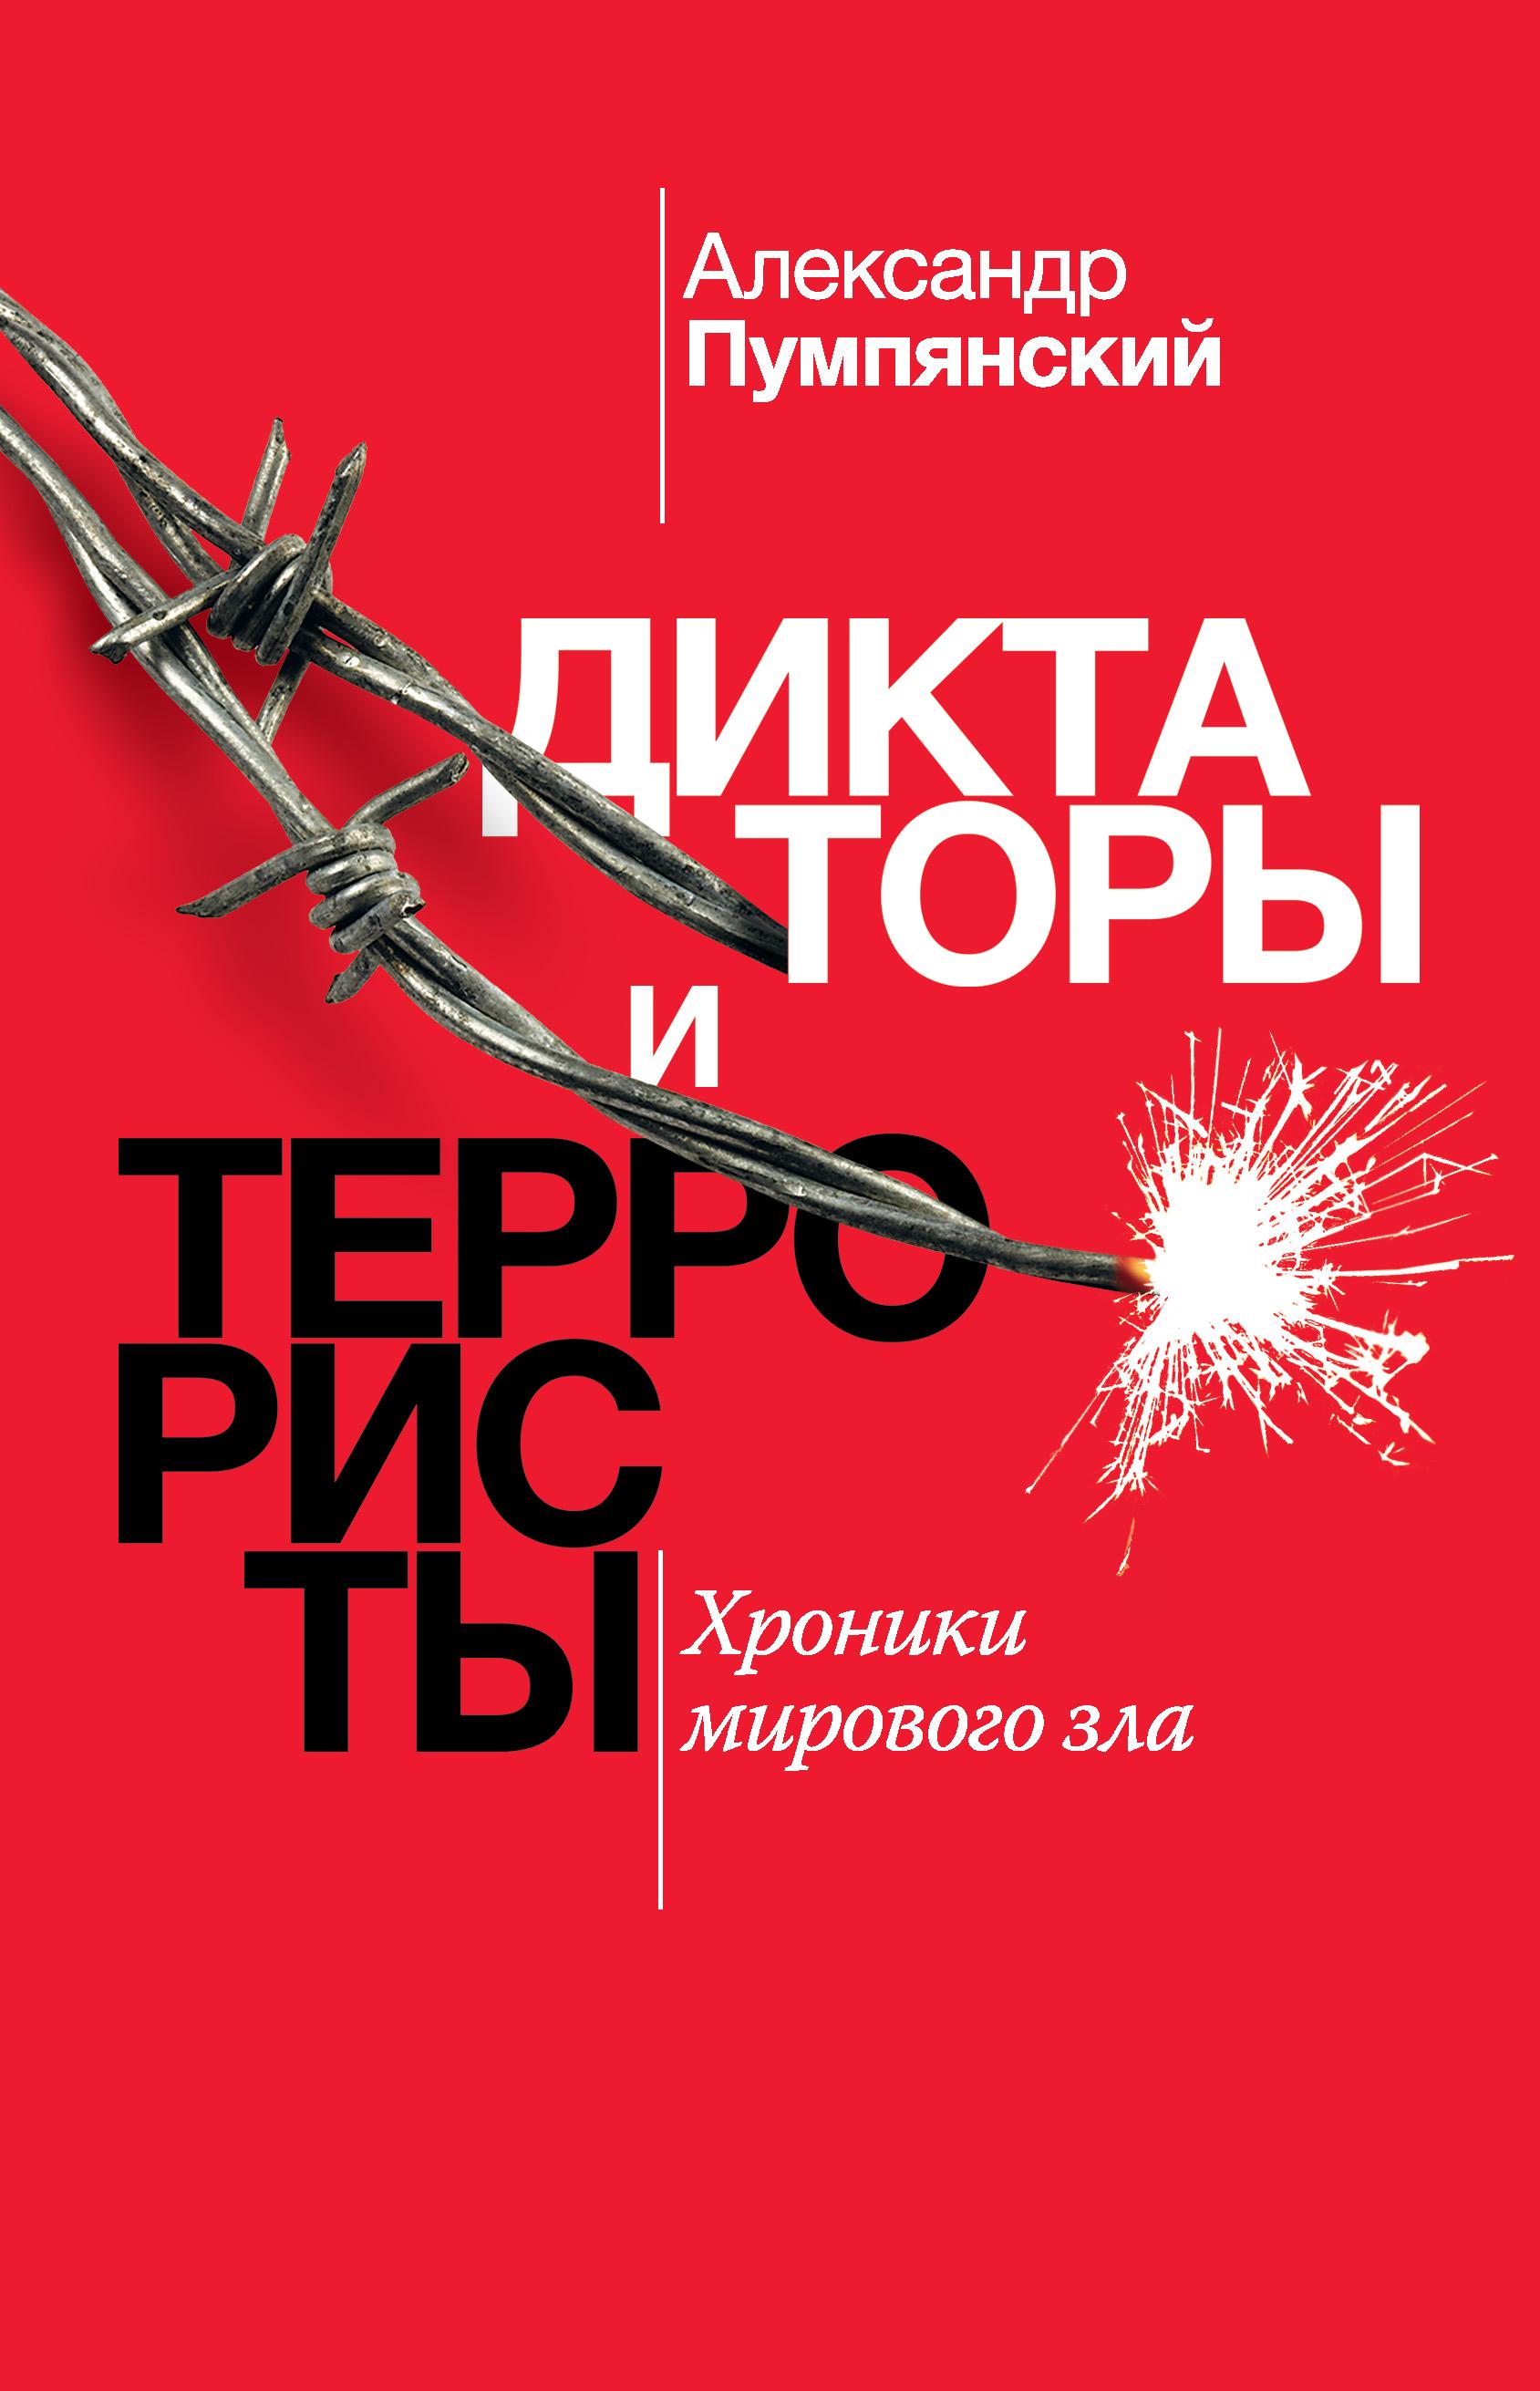 Александр Пумпянский «Диктаторы и террористы. Хроники мирового зла»